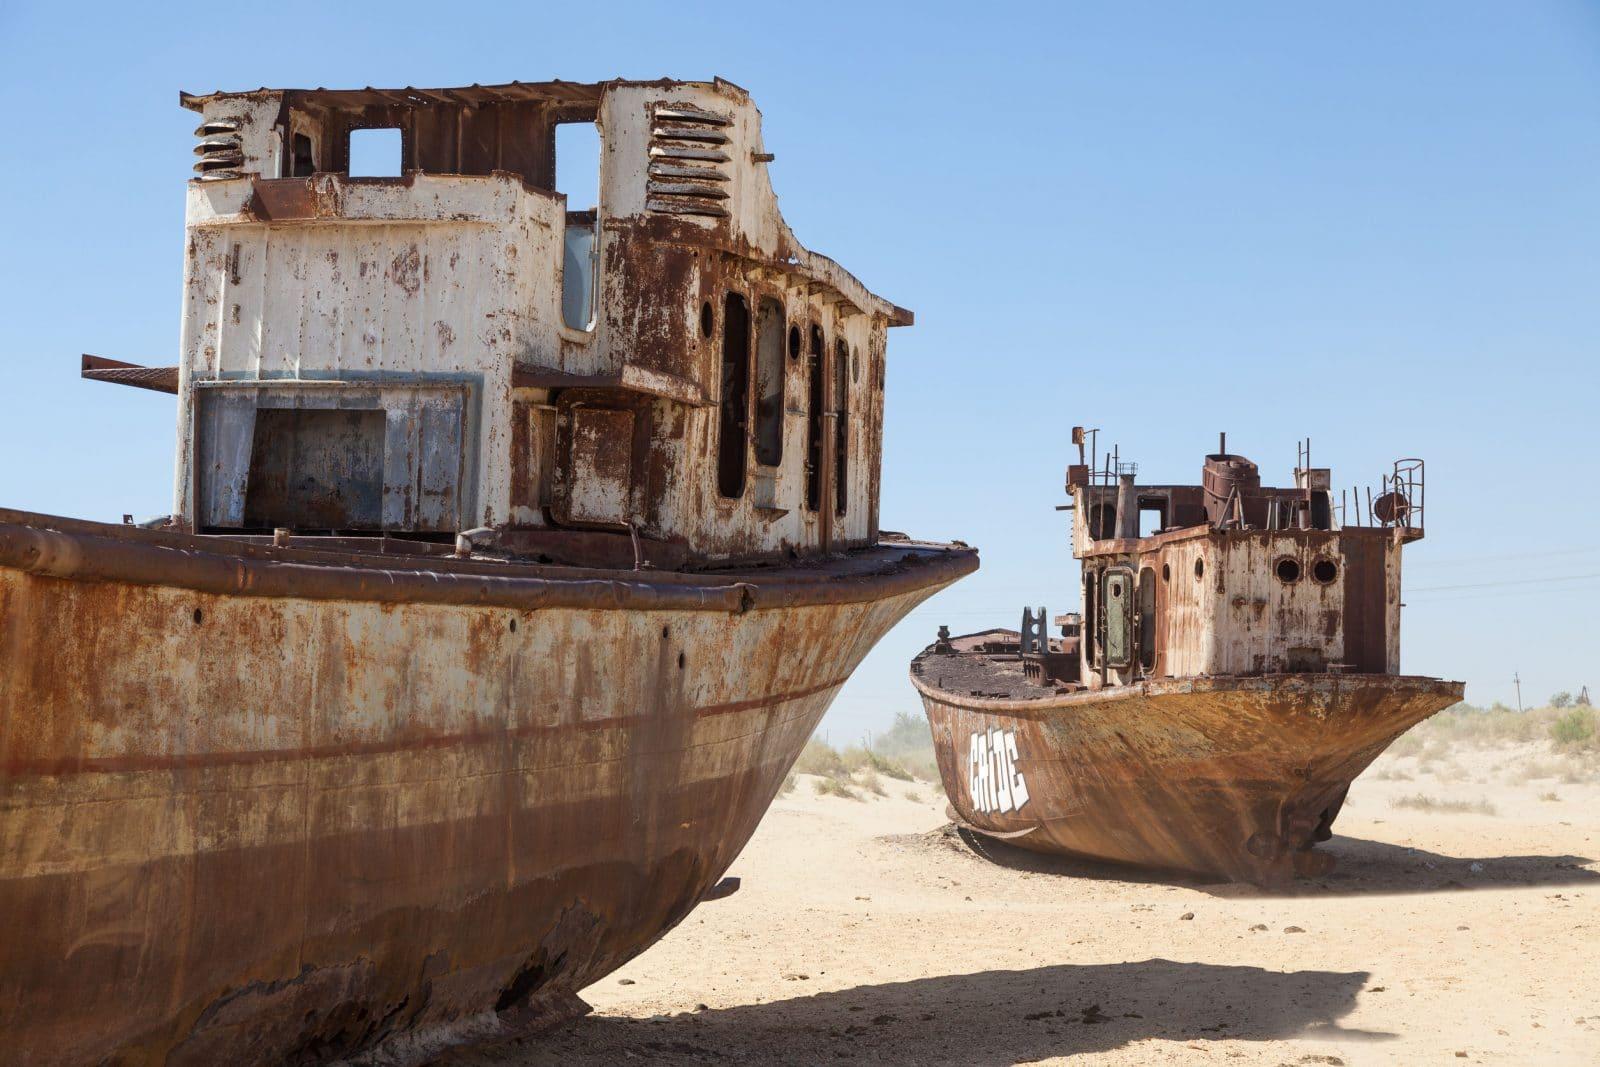 Barcos no Mar de Aral Uzbequistao